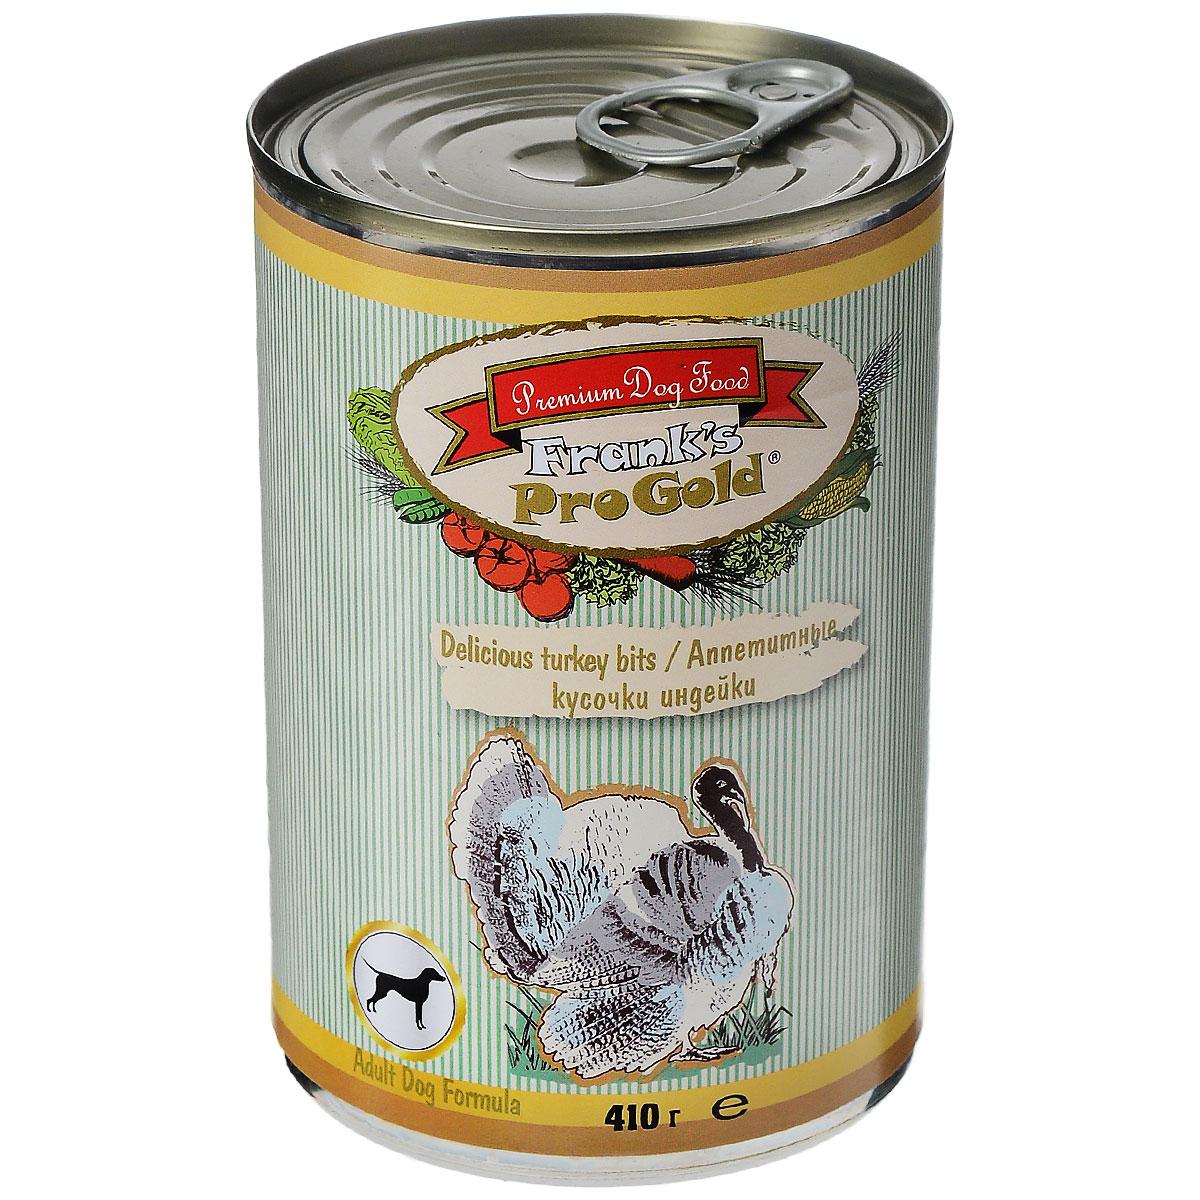 Консервы для собак Franks ProGold, с индейкой, 410 г0120710Консервы для собак Franks ProGold - полнорационный продукт, содержащий все необходимые витамины и минералы, сбалансированный для поддержания оптимального здоровья вашего питомца! Ваш любимец, безусловно, оценит нежнейшие кусочки мяса в желе! Произведенные из натуральных ингредиентов, консервы Franks Pro Gold не содержат ГМО, сою, искусственных красителей, консервантов и усилителей вкуса. Состав: мясо курицы, индейка, мясо и его производные, злаки, витамины и минералы. Пищевая ценность: влажность 81%,белки 6,5%, жиры 4,5%, зола 2%, клетчатка 0,5%. Добавки: витамин A 1600 IU, витамин D 140 IU, витамин E 10 IU, железо E1 24 мг/кг, марганец E5 6 мг/кг, цинк E6 15 мг/кг, йодин E2 0,3 мг/кг. Калорийность: 393,6 ккал.Товар сертифицирован.